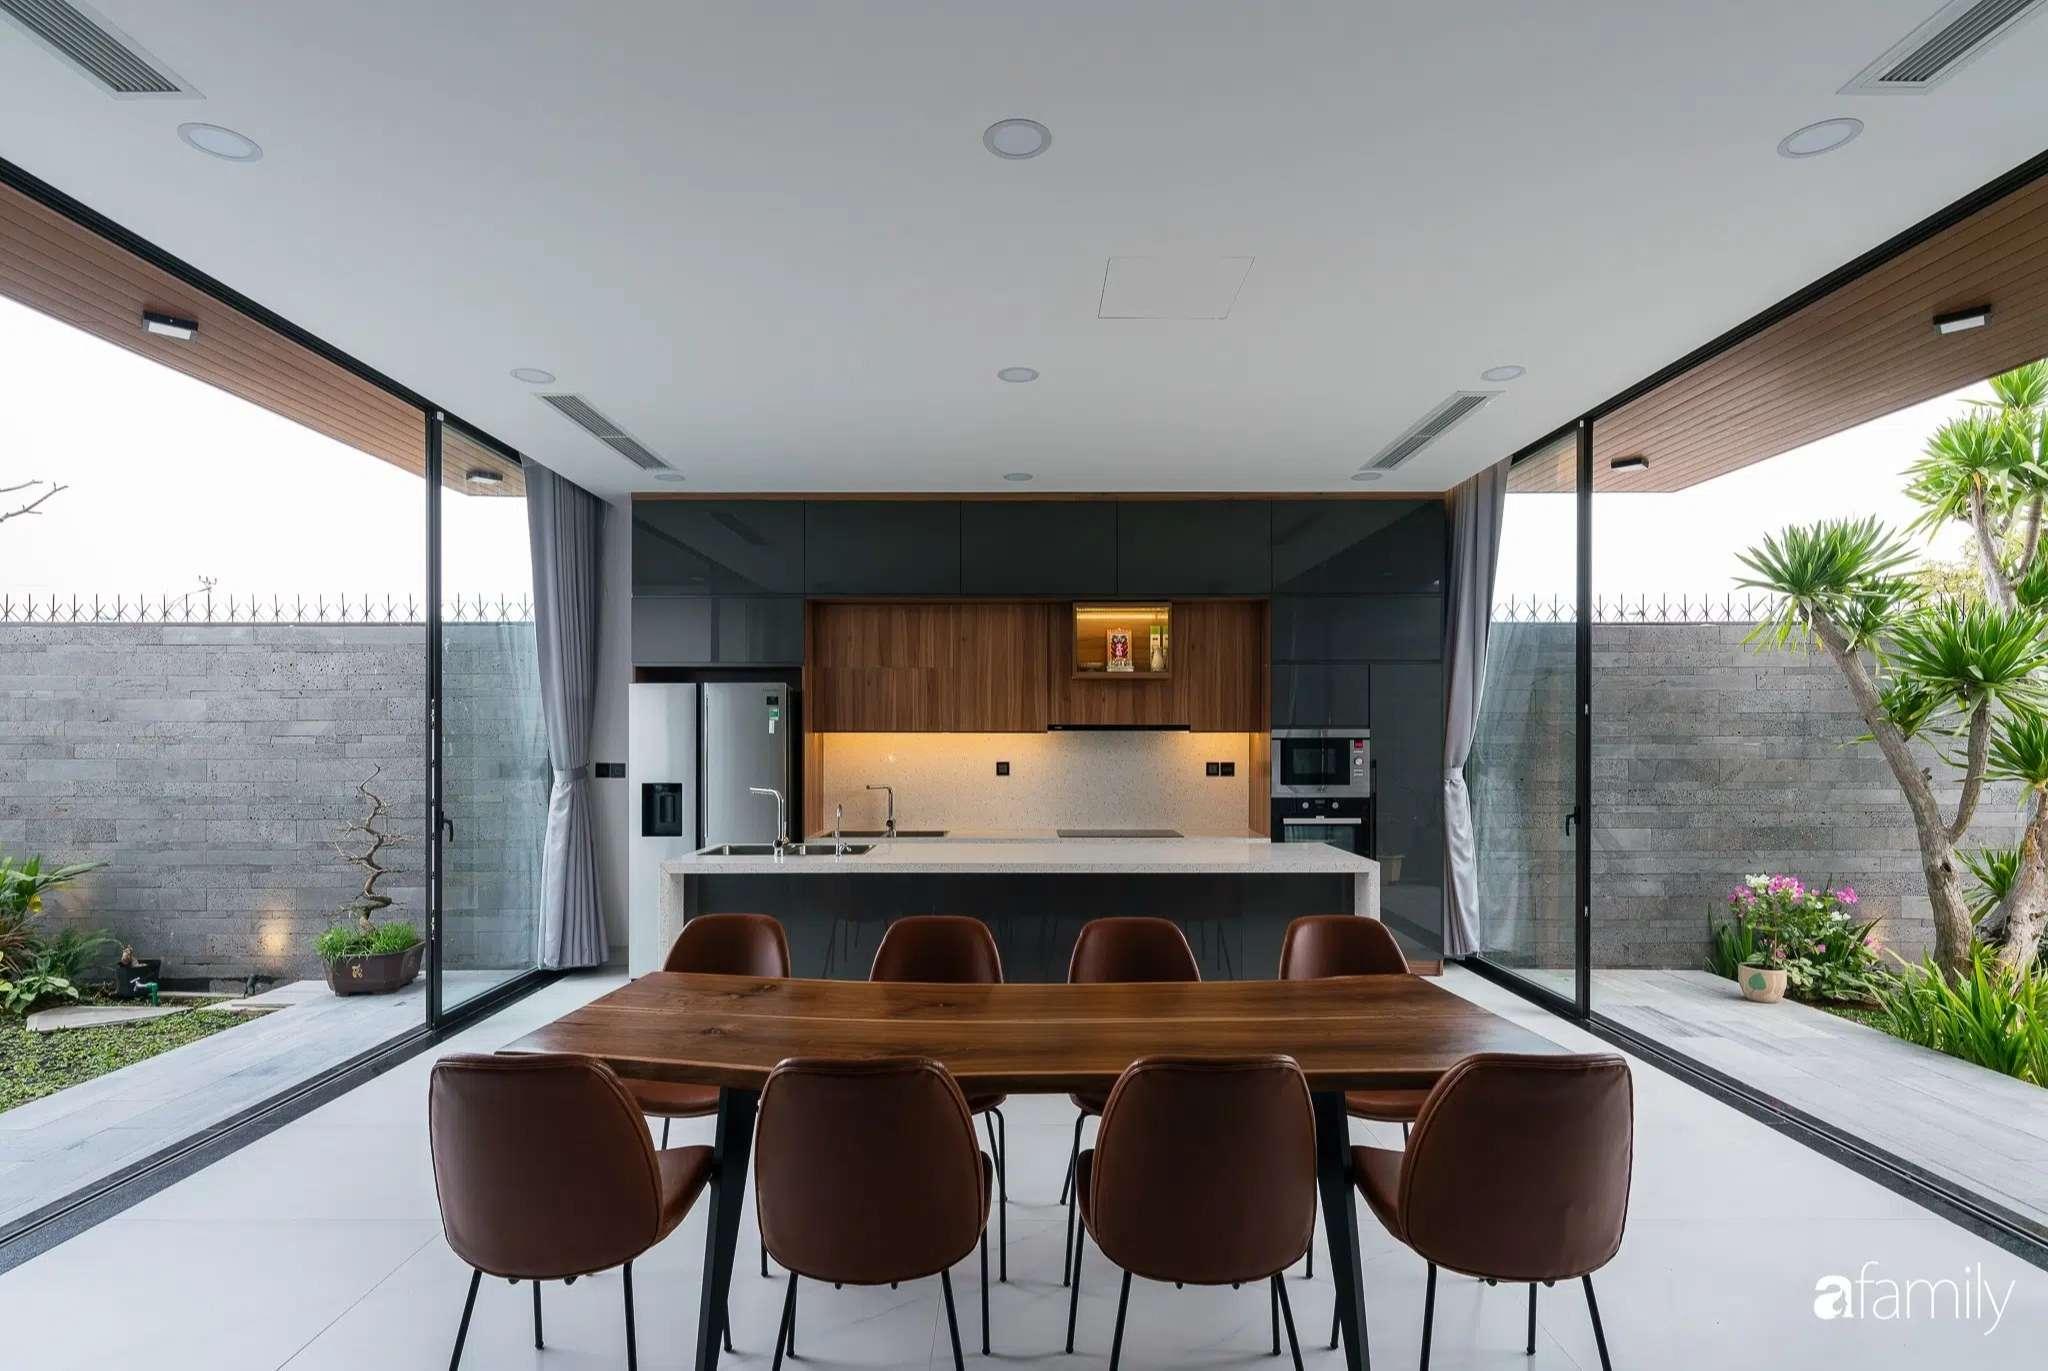 Căn nhà luôn ngập tràn ánh sáng nhờ bức tường kính trong suốt.